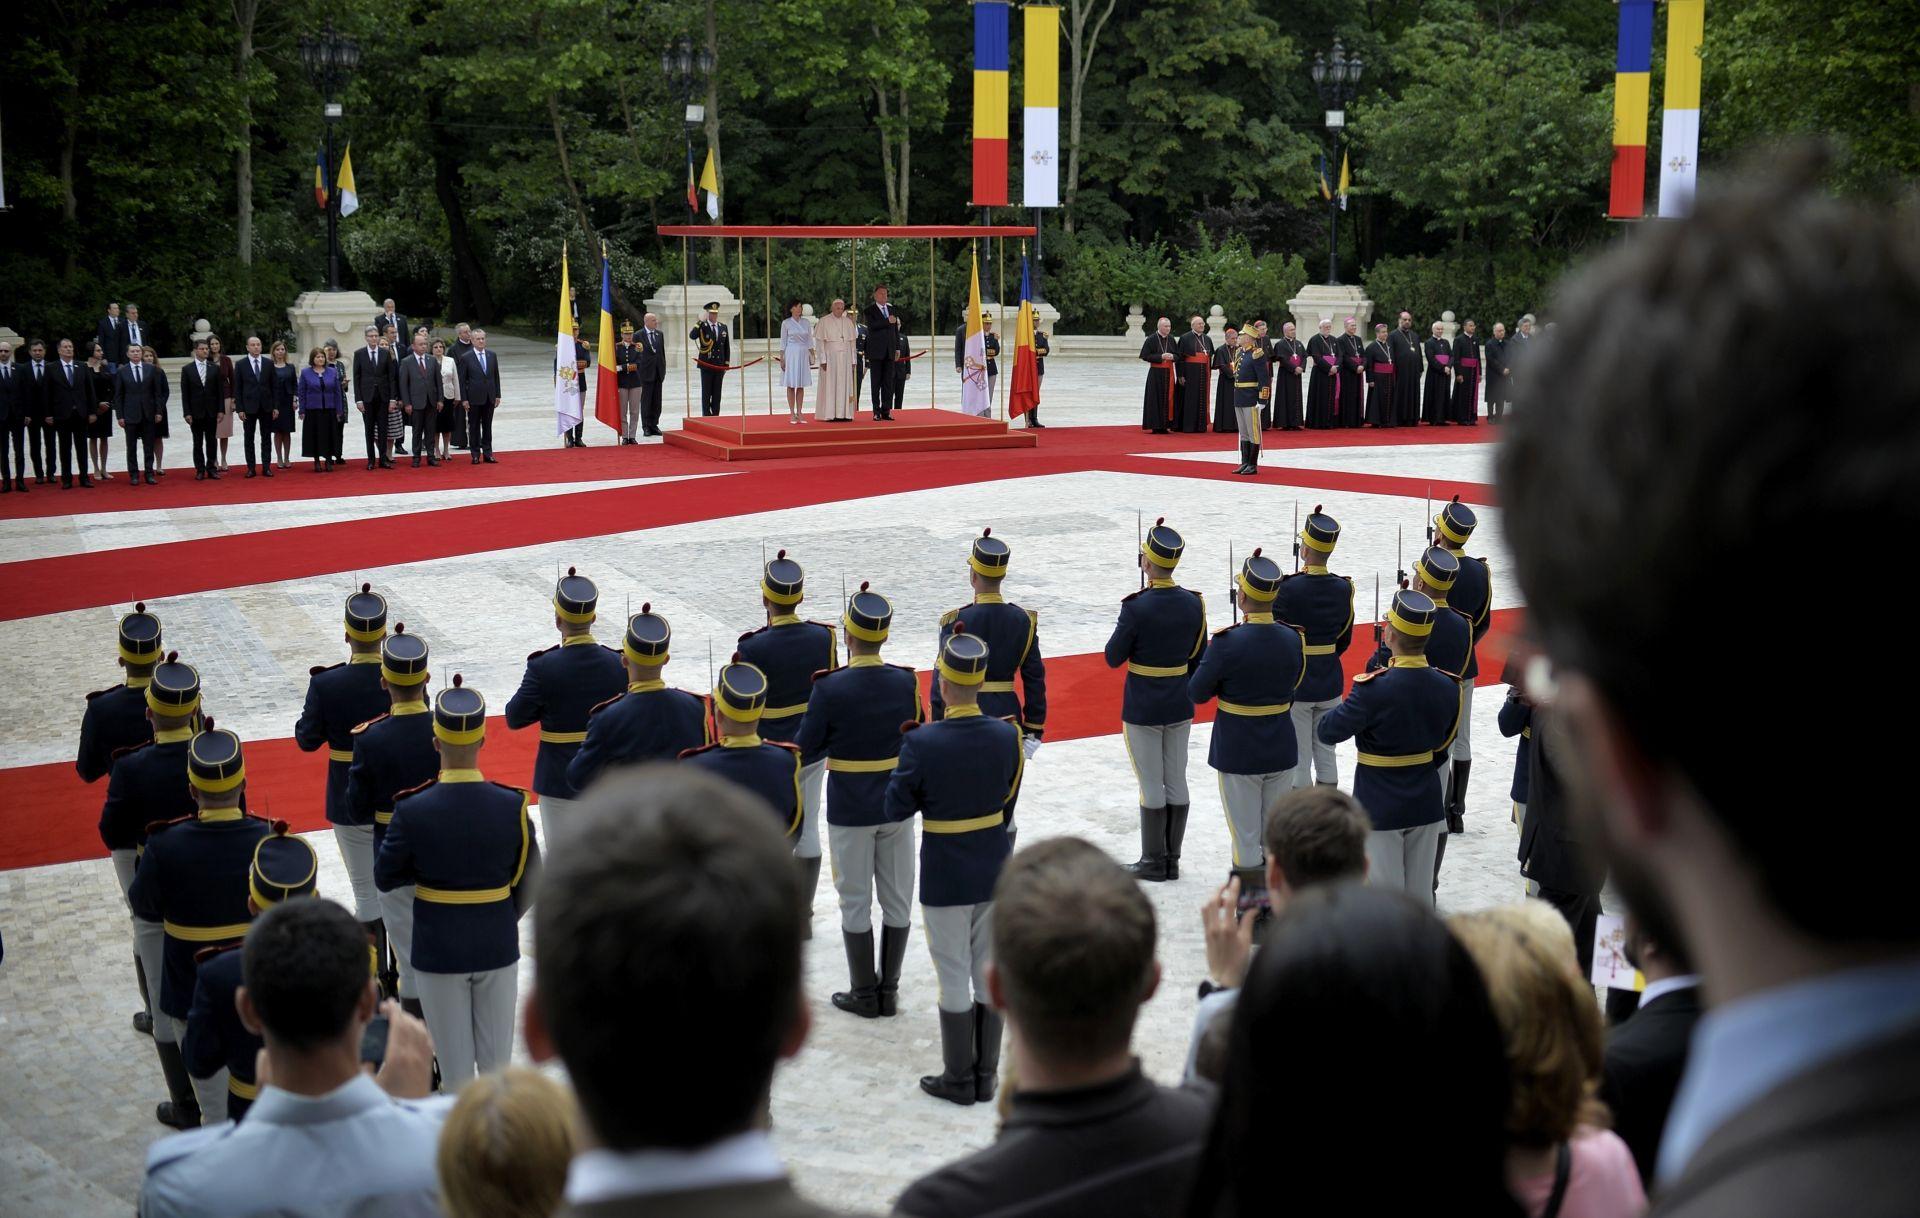 Посрещане на папата в Румъния